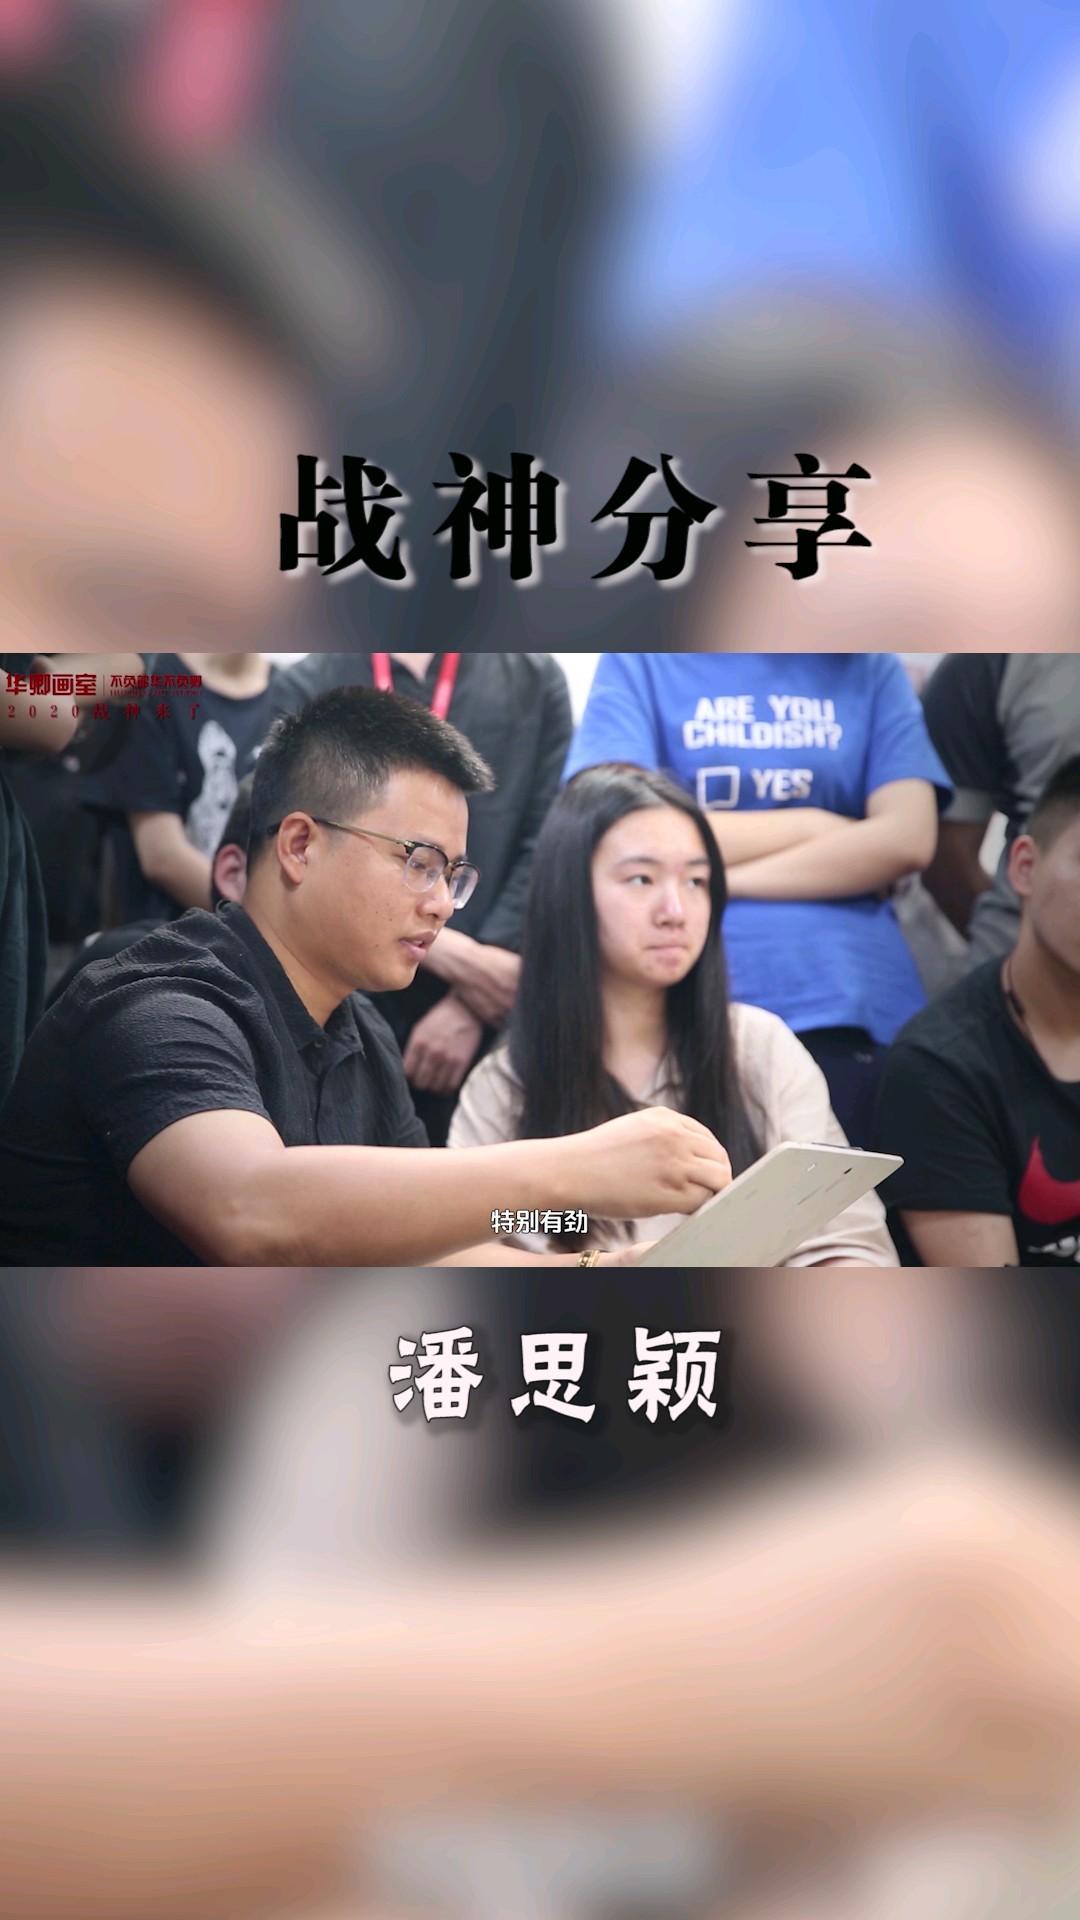 """華卿的""""匪""""氣,鑄就的是萬千學子的""""霸""""氣! #美術生 #清華大學"""